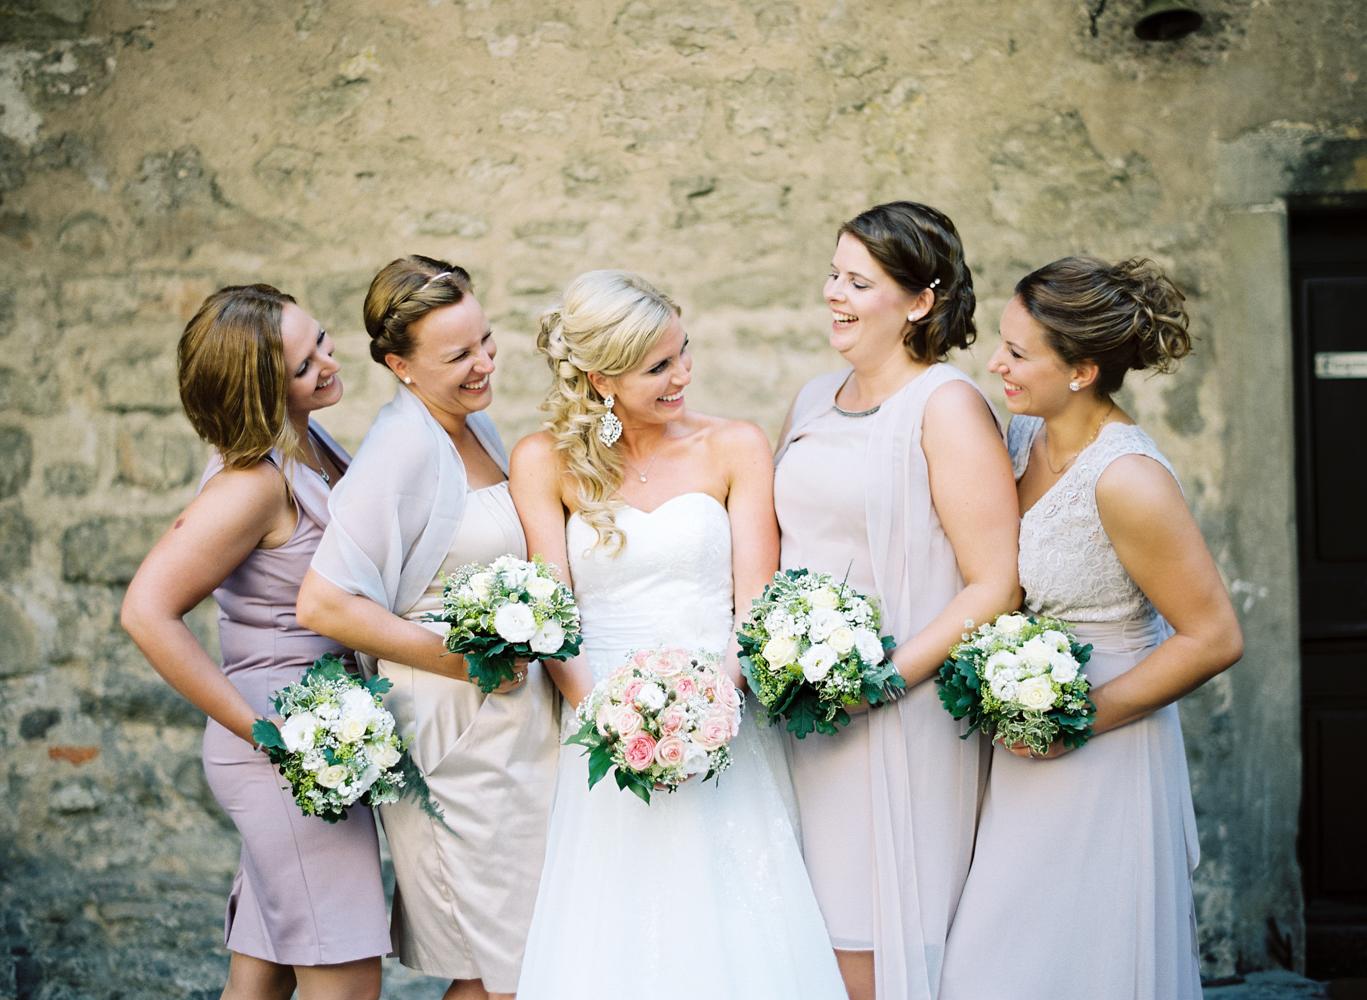 Hochzeitsfotograf Stuttgart I Karoline Kirchhof Hochzeitsreportagen I Hochzeitsfotografie I